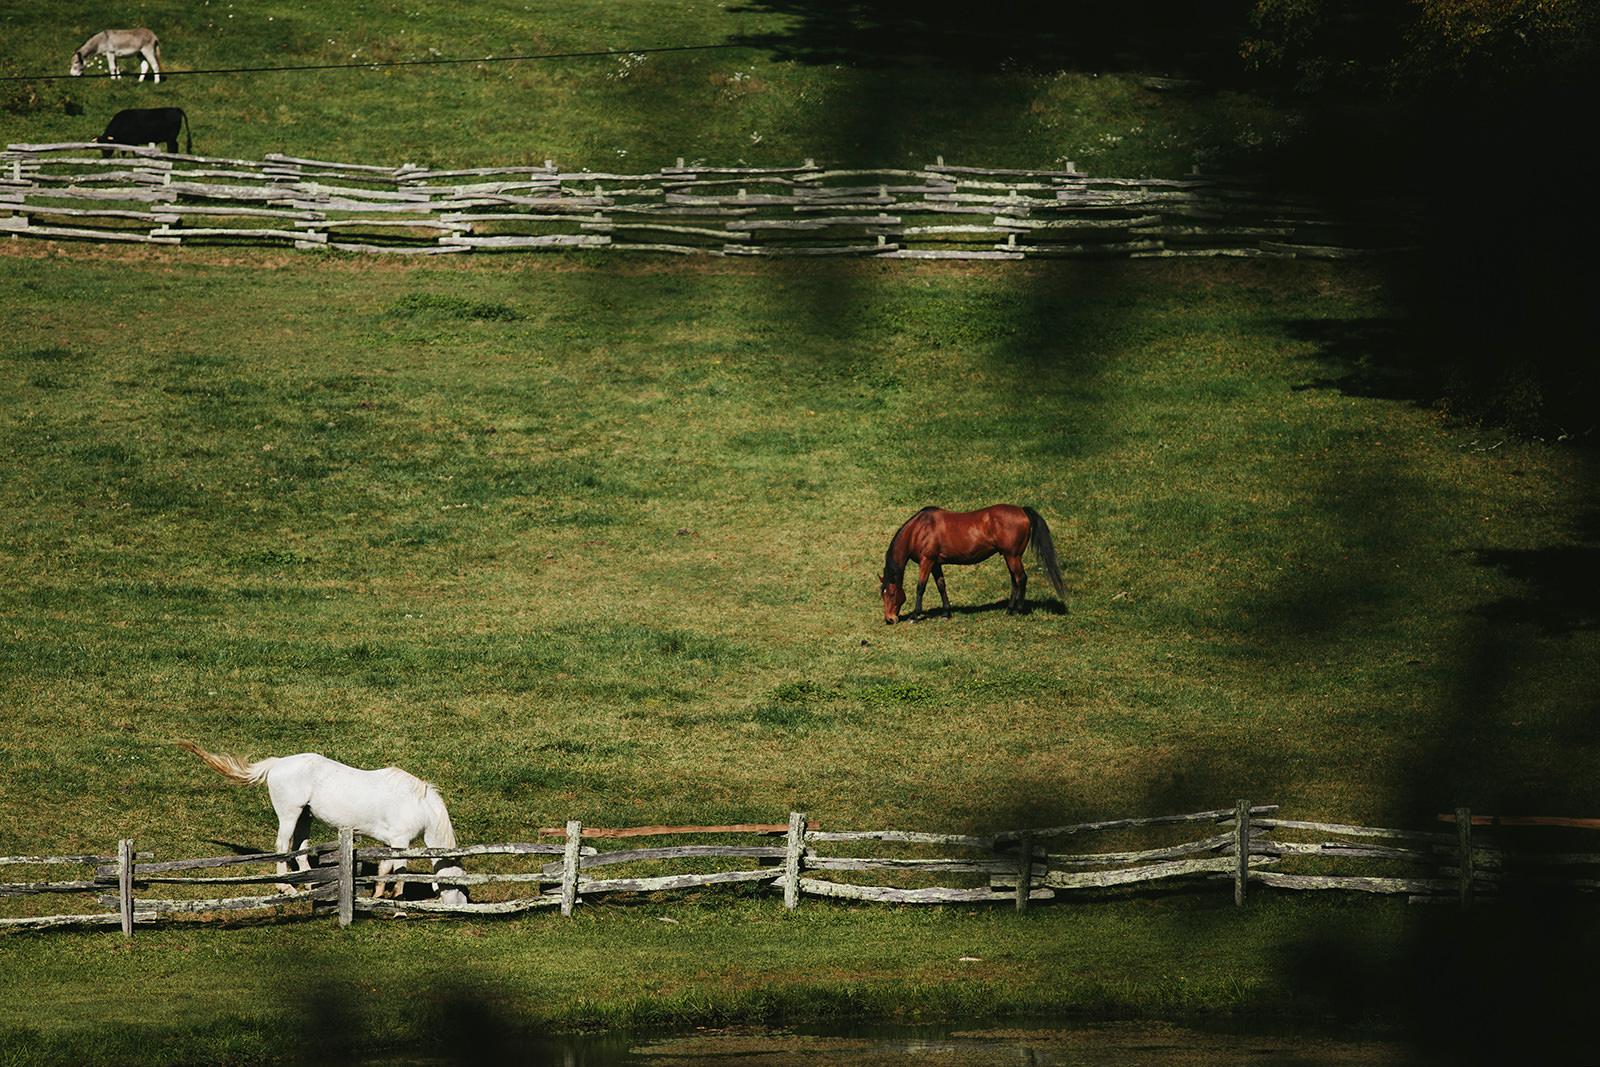 cataloochee ranch photos